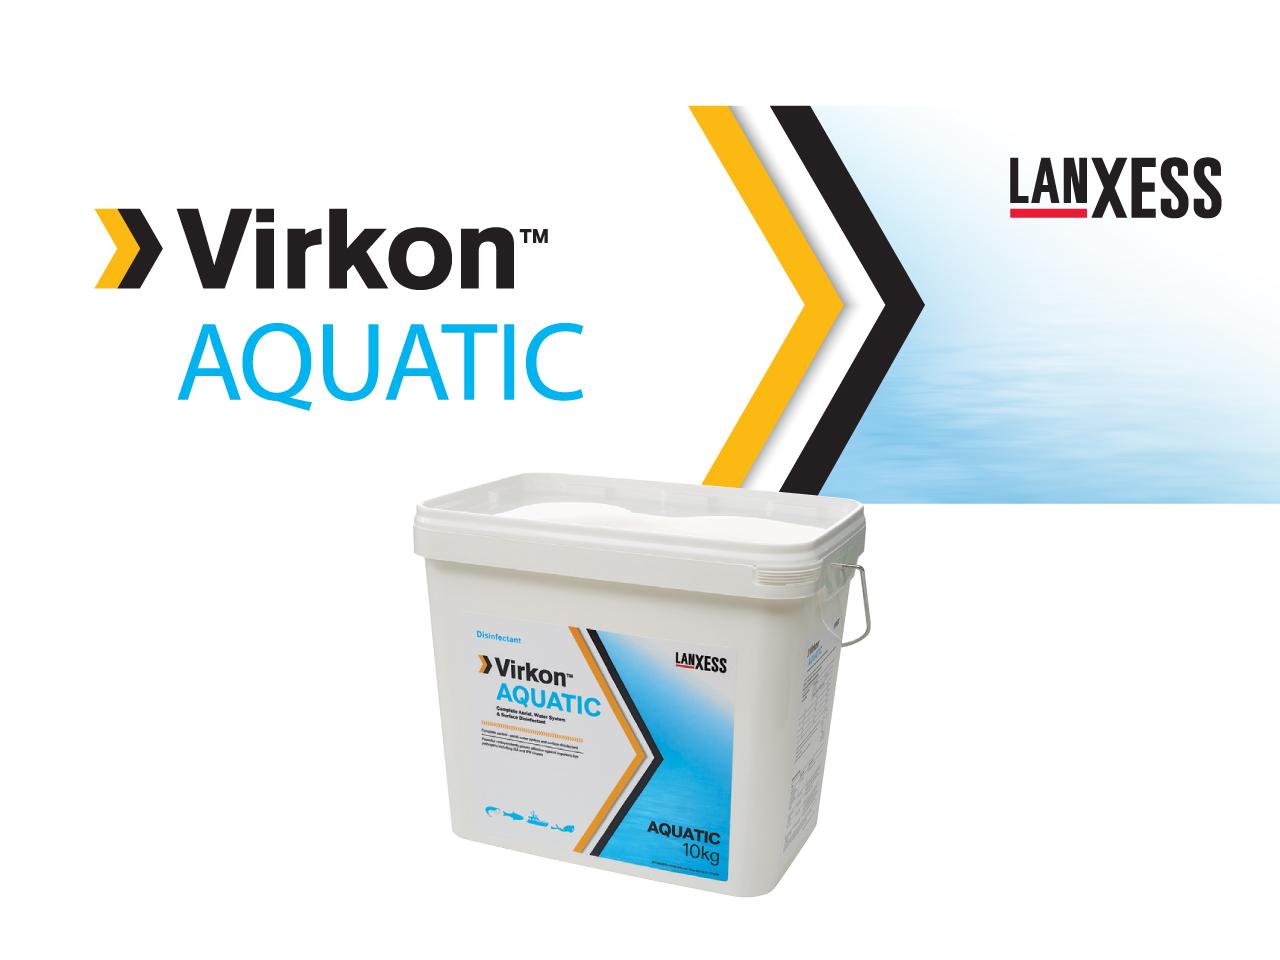 Virkon Aquatic